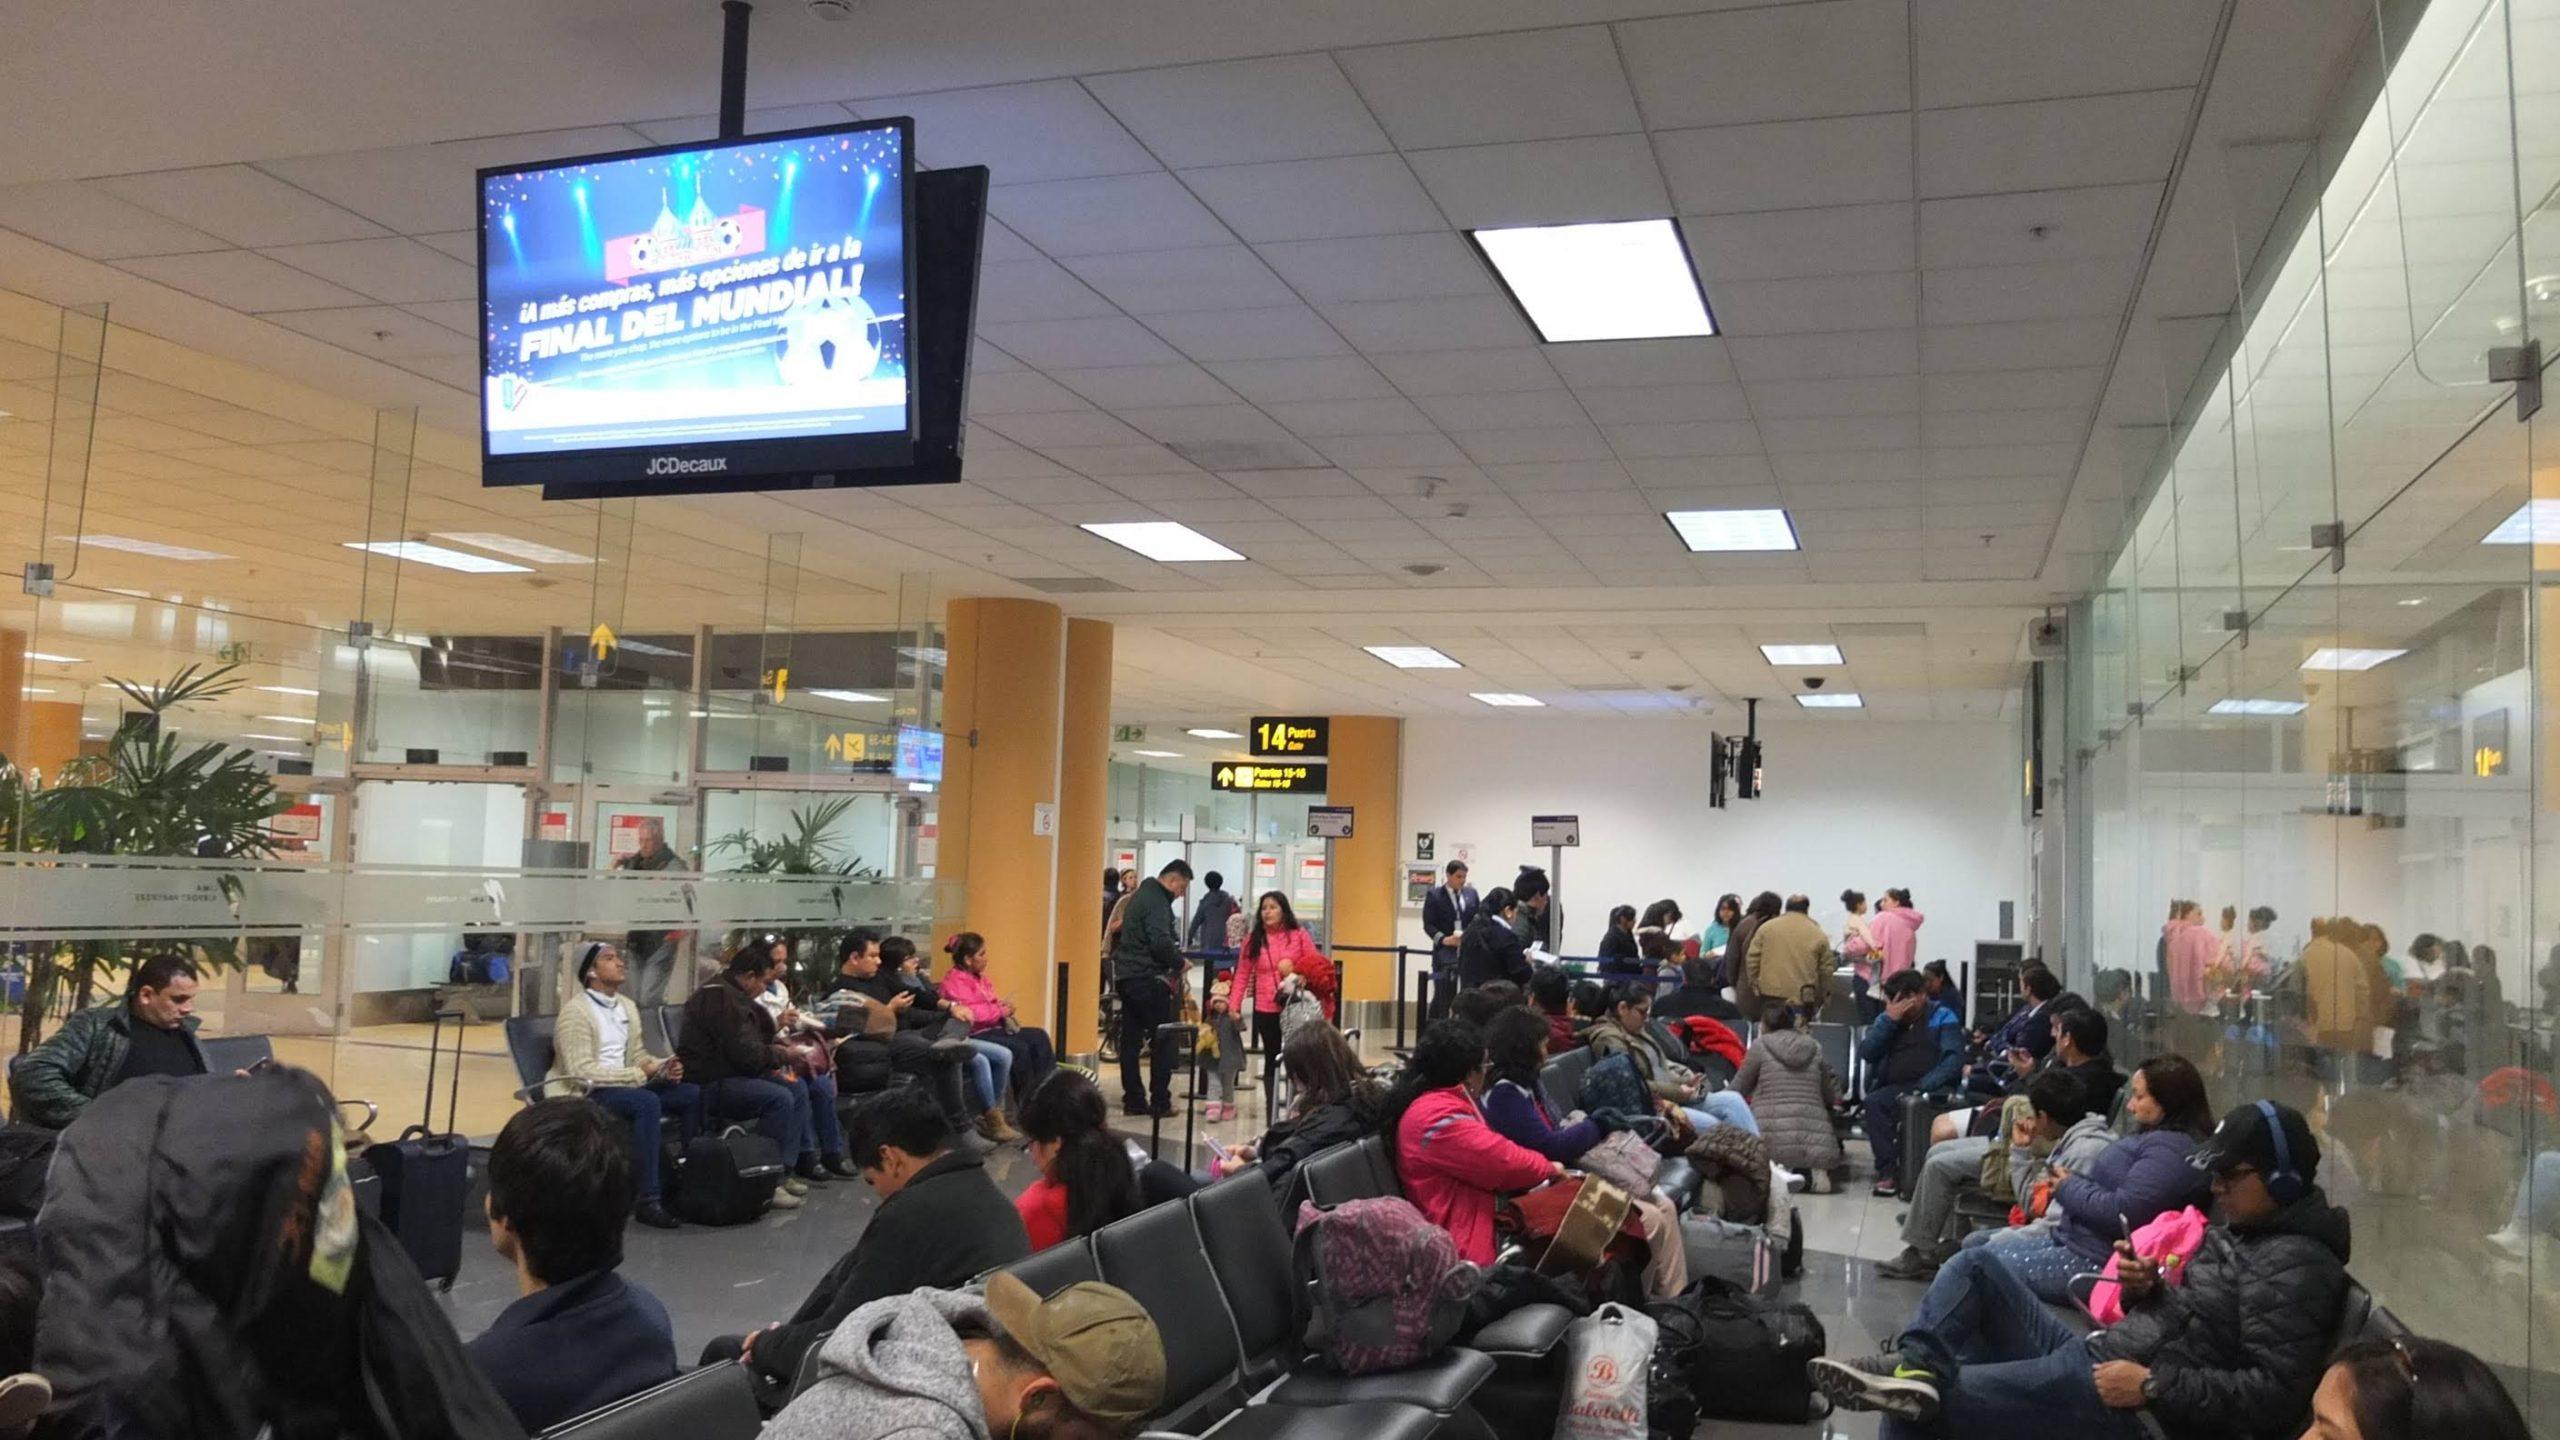 [飛行] LATAM南美航空LA2005:曙光航班飛往3400米高的庫斯科山城